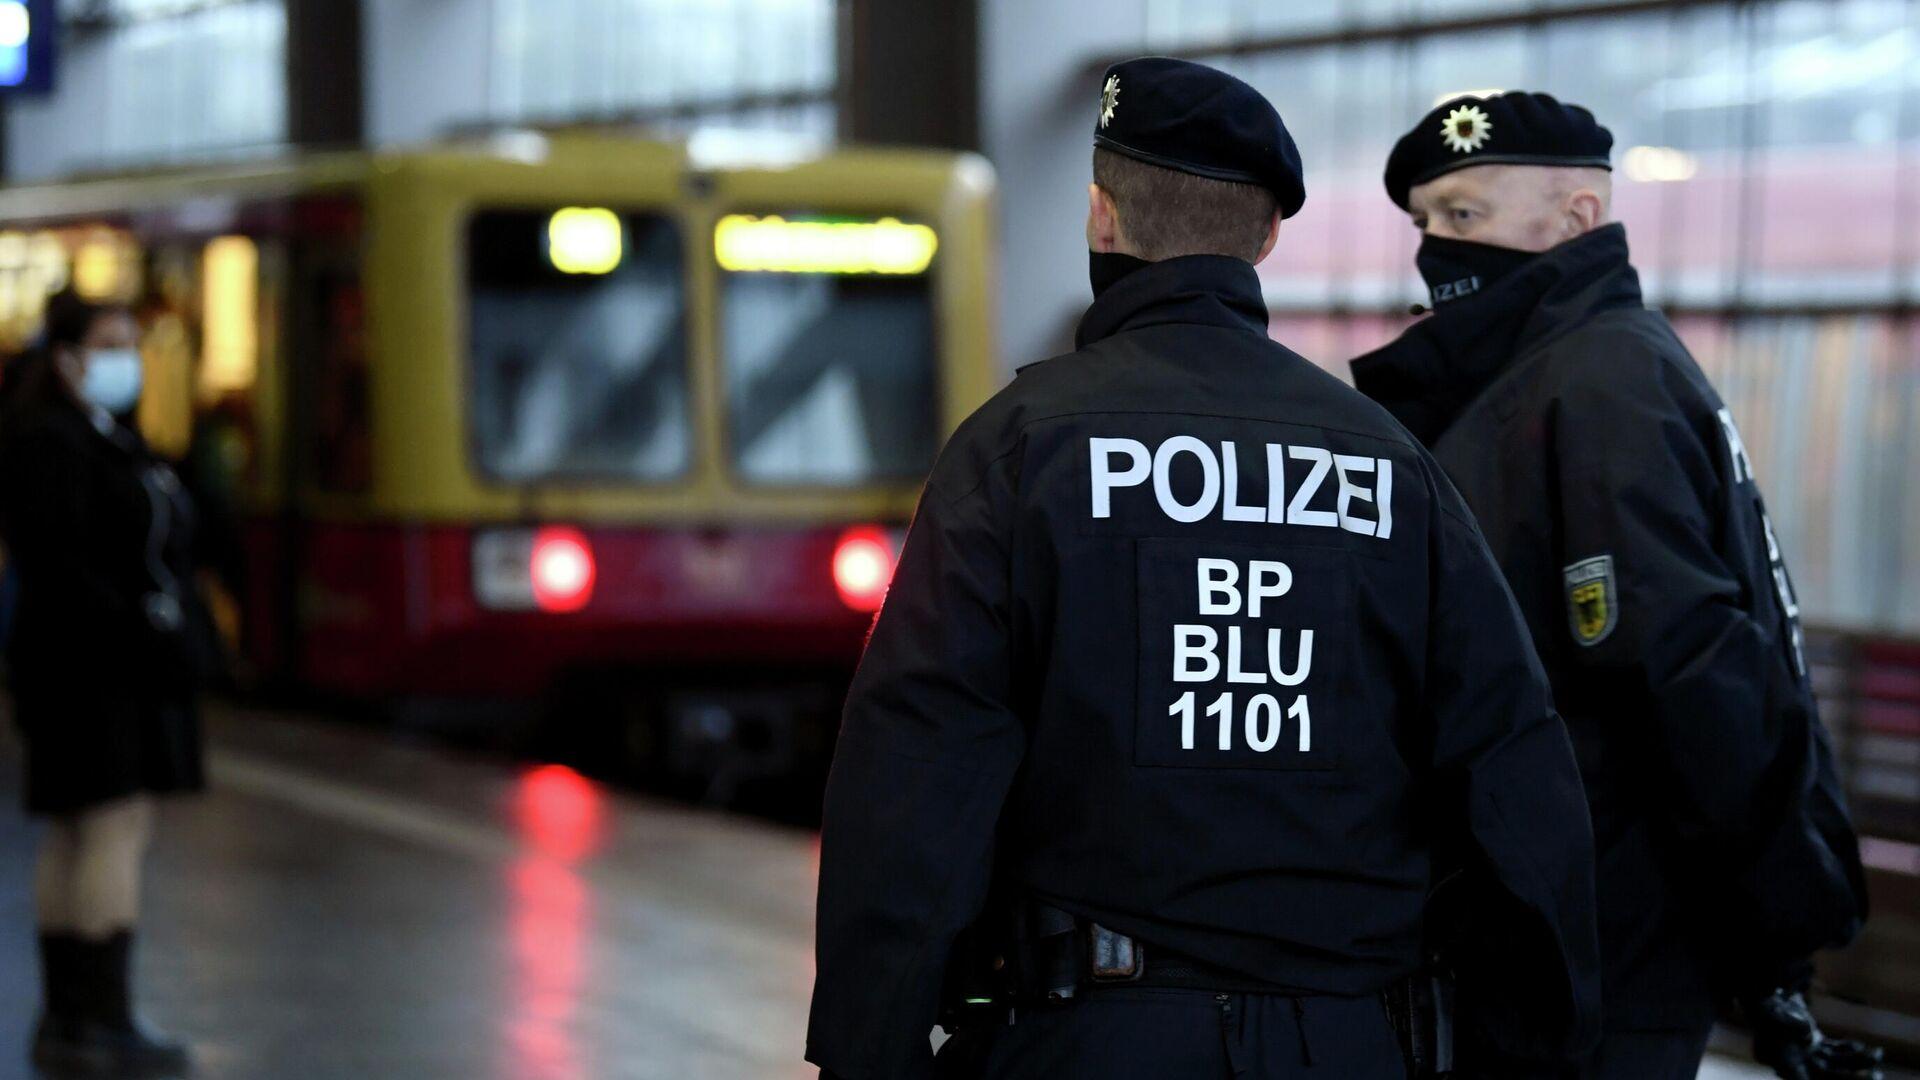 Polizei in Deutschland (Archivbild) - SNA, 1920, 26.12.2020